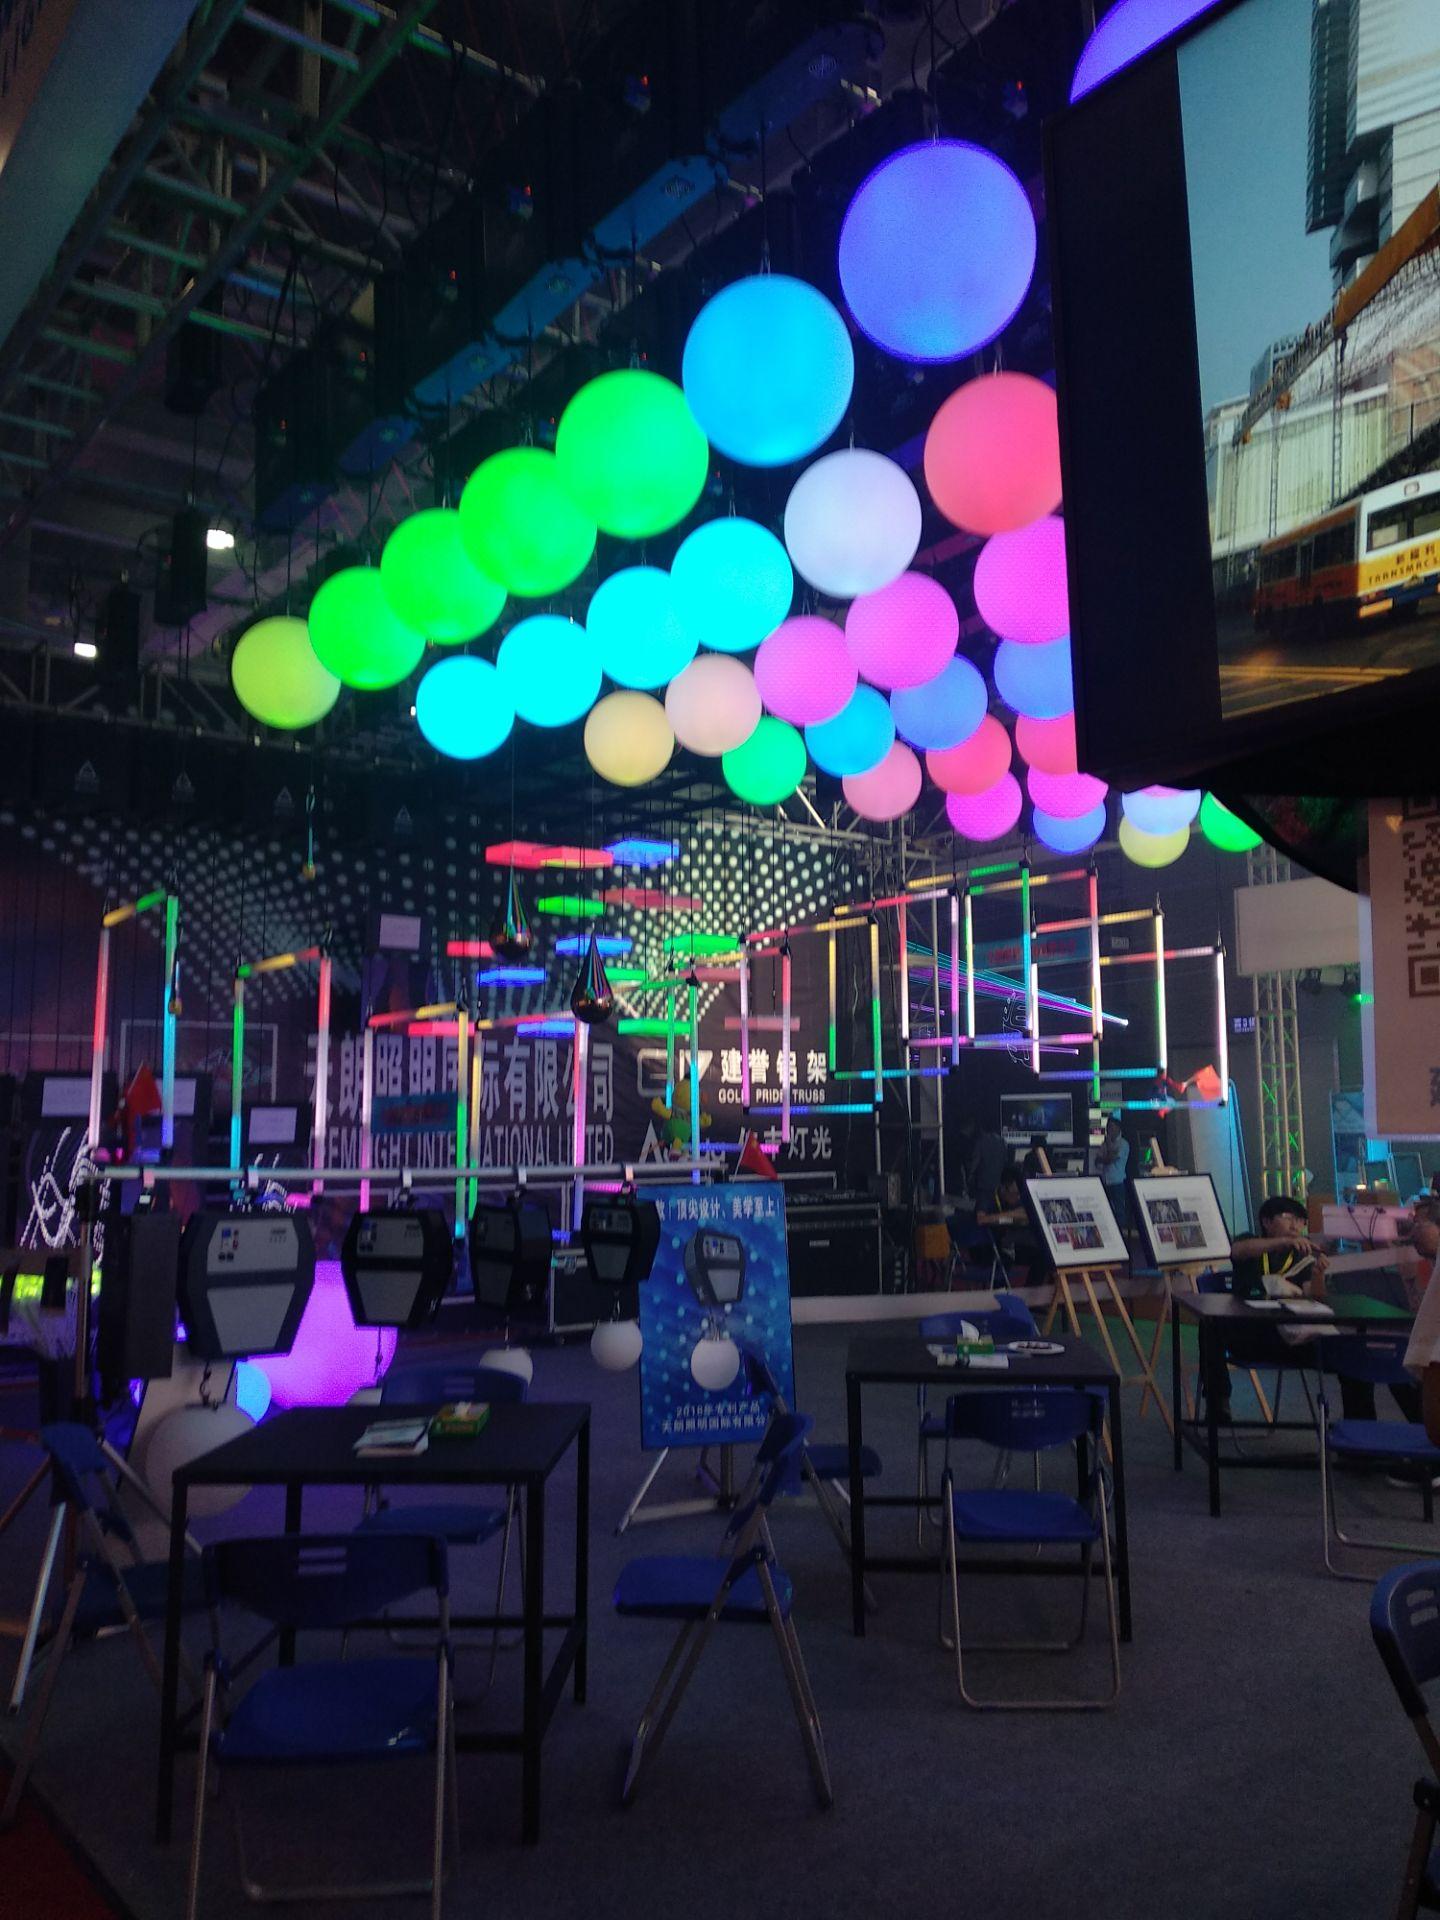 2018年广州国际灯光音响展各商家的舞台灯光设备精彩纷呈展现效果图